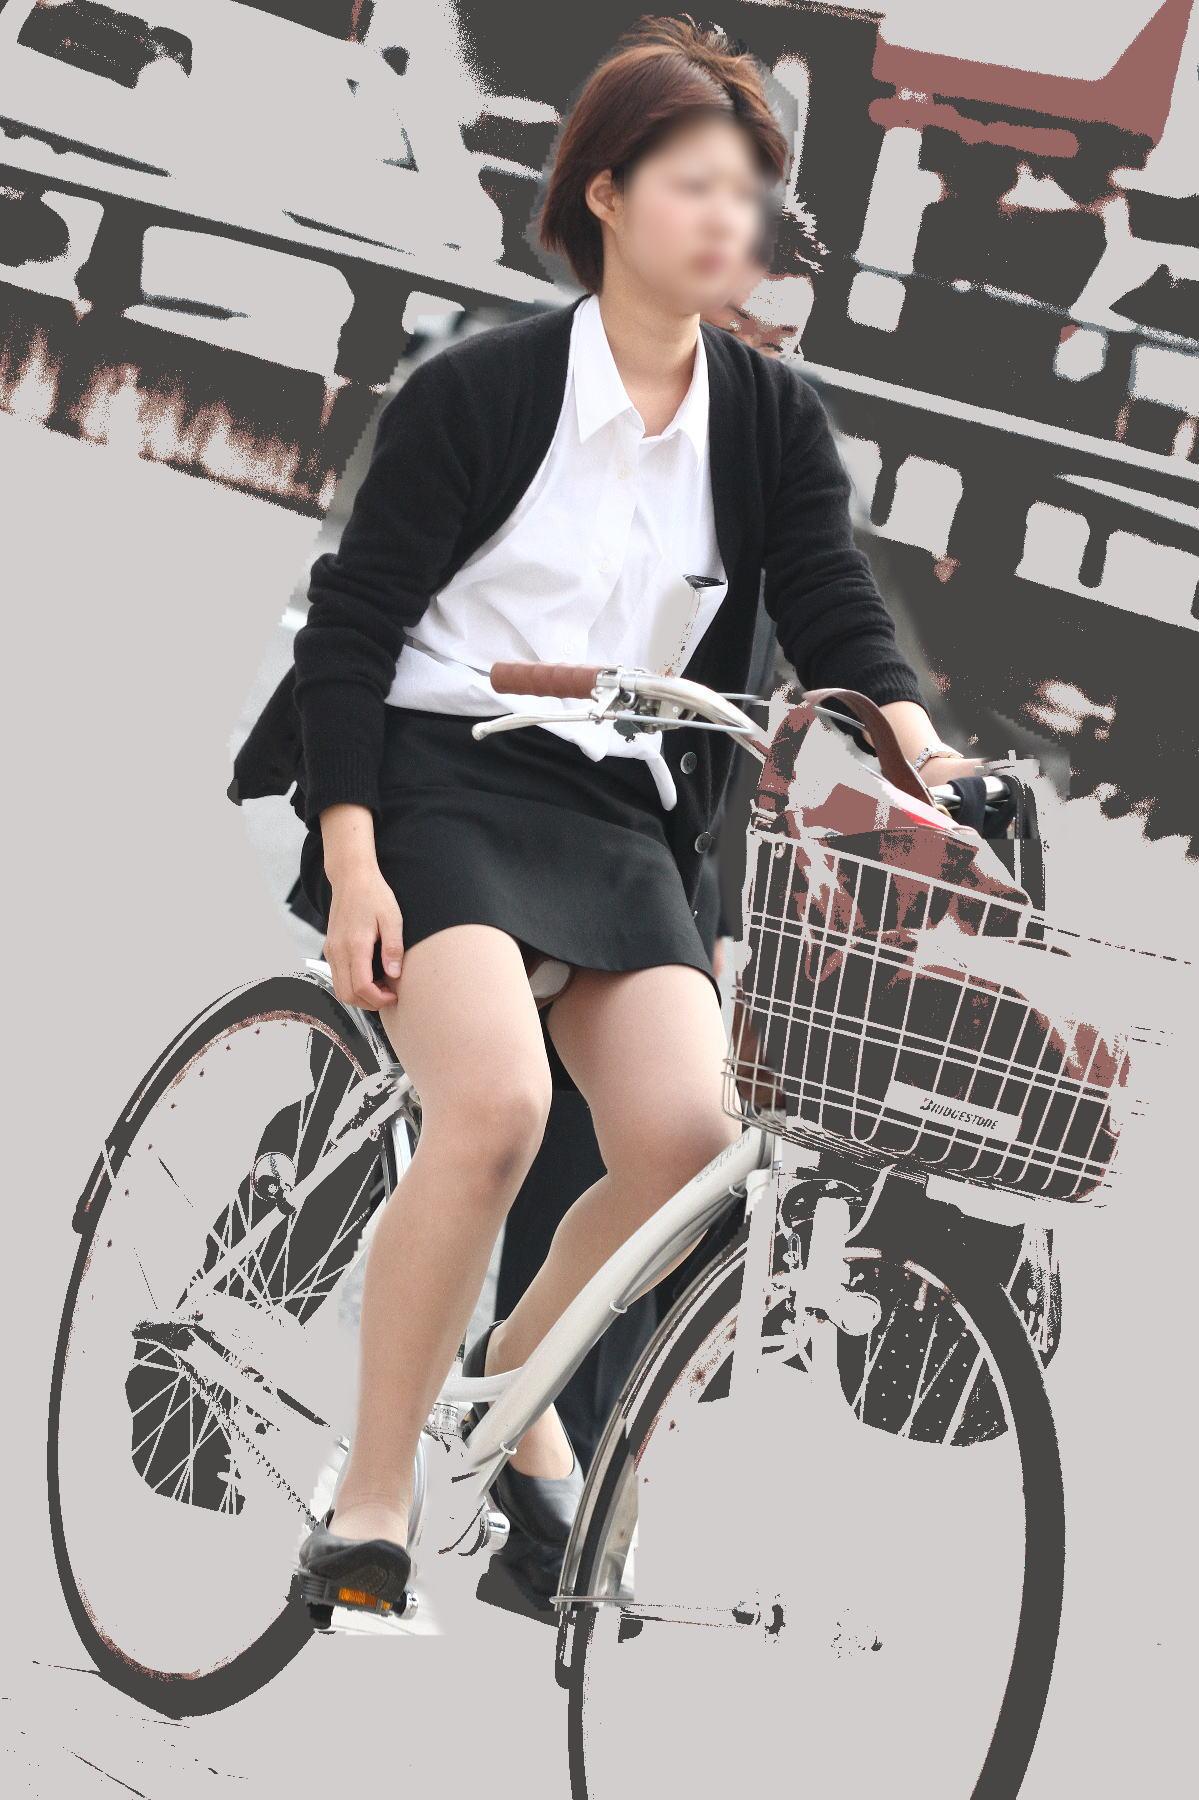 無防備なOLのタイトスカート三角の自転車盗撮エロ画像4枚目